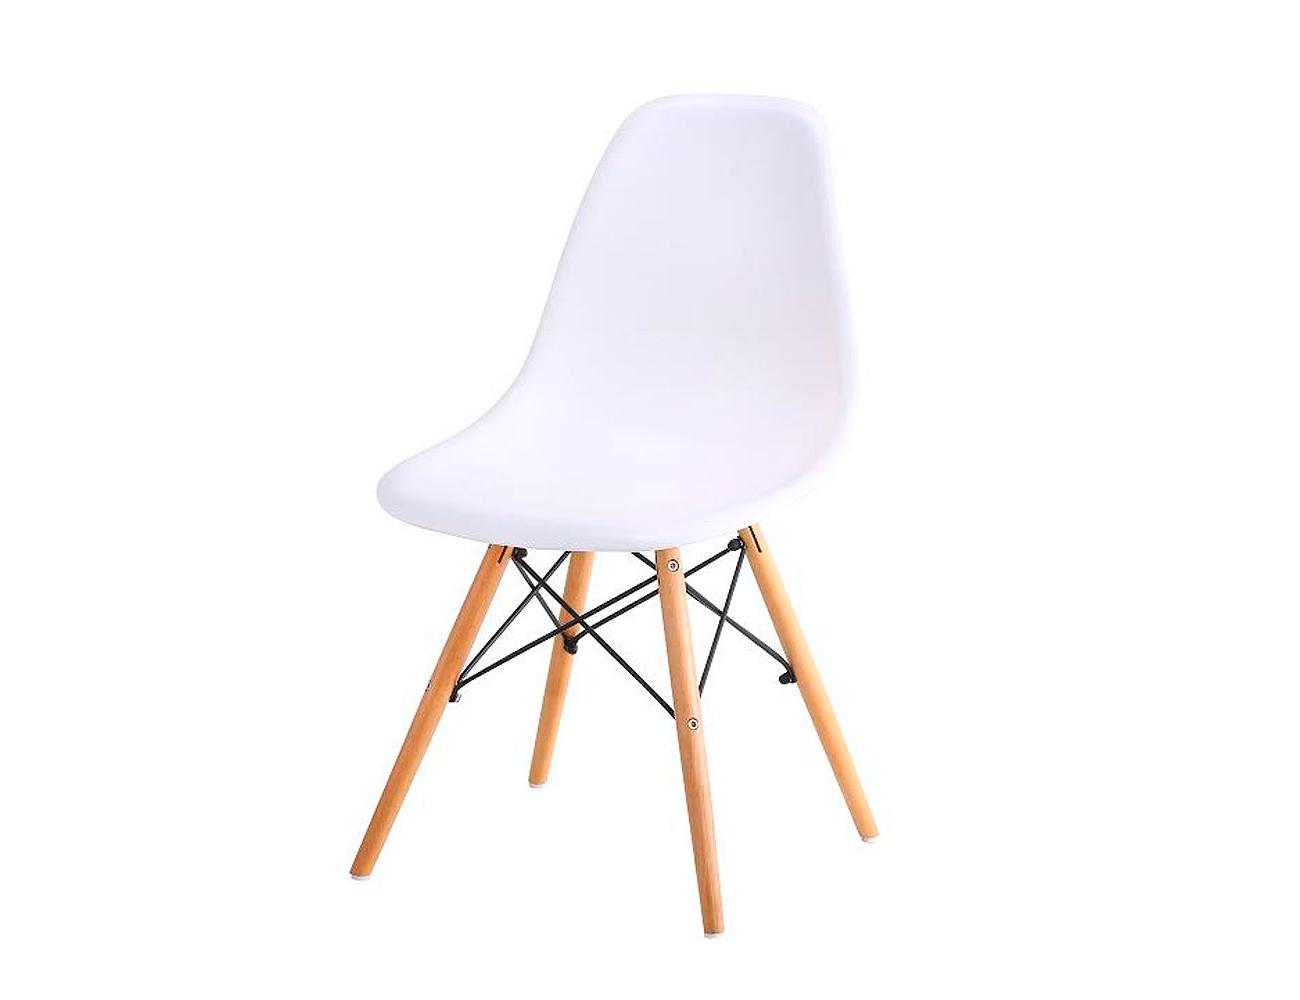 Silla nordica Blanca Ftd8 Juego De Sillas Con asiento De Resina En Color Blanco Tipo nordica